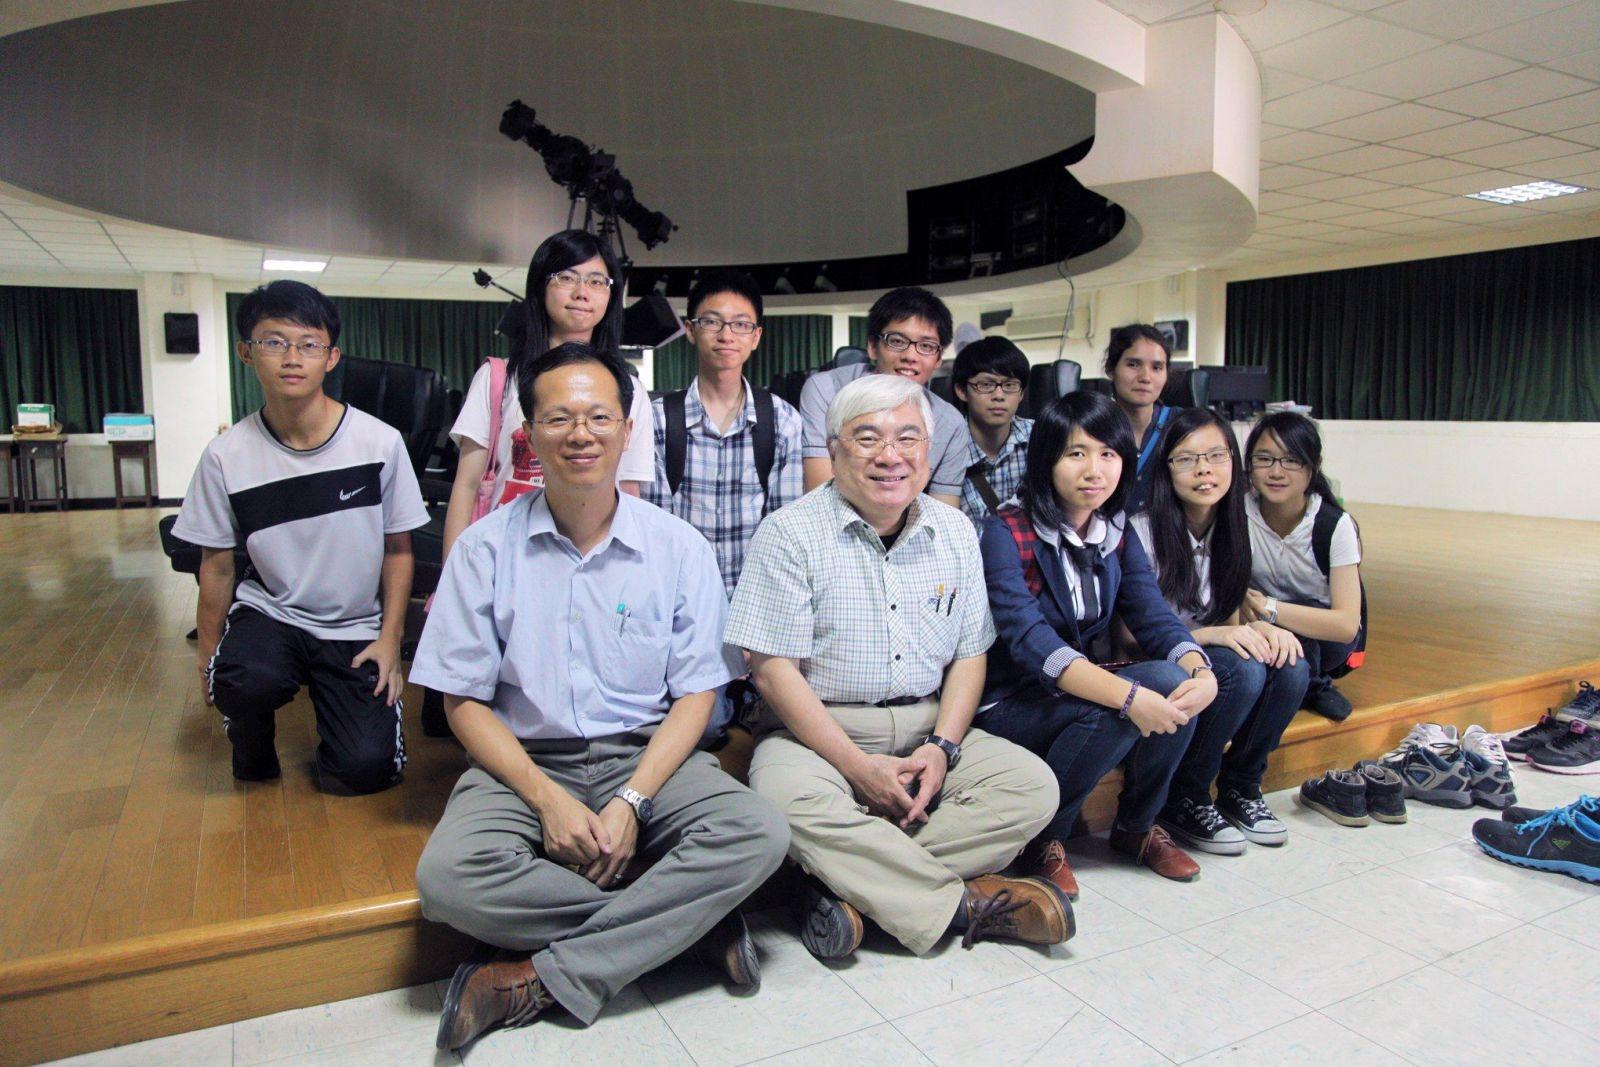 圖說:前排左一為指導老師林士超、左二為陳文屏教授,旁邊則為當年發現天體的多位同學,如今他們已即將大學畢業。